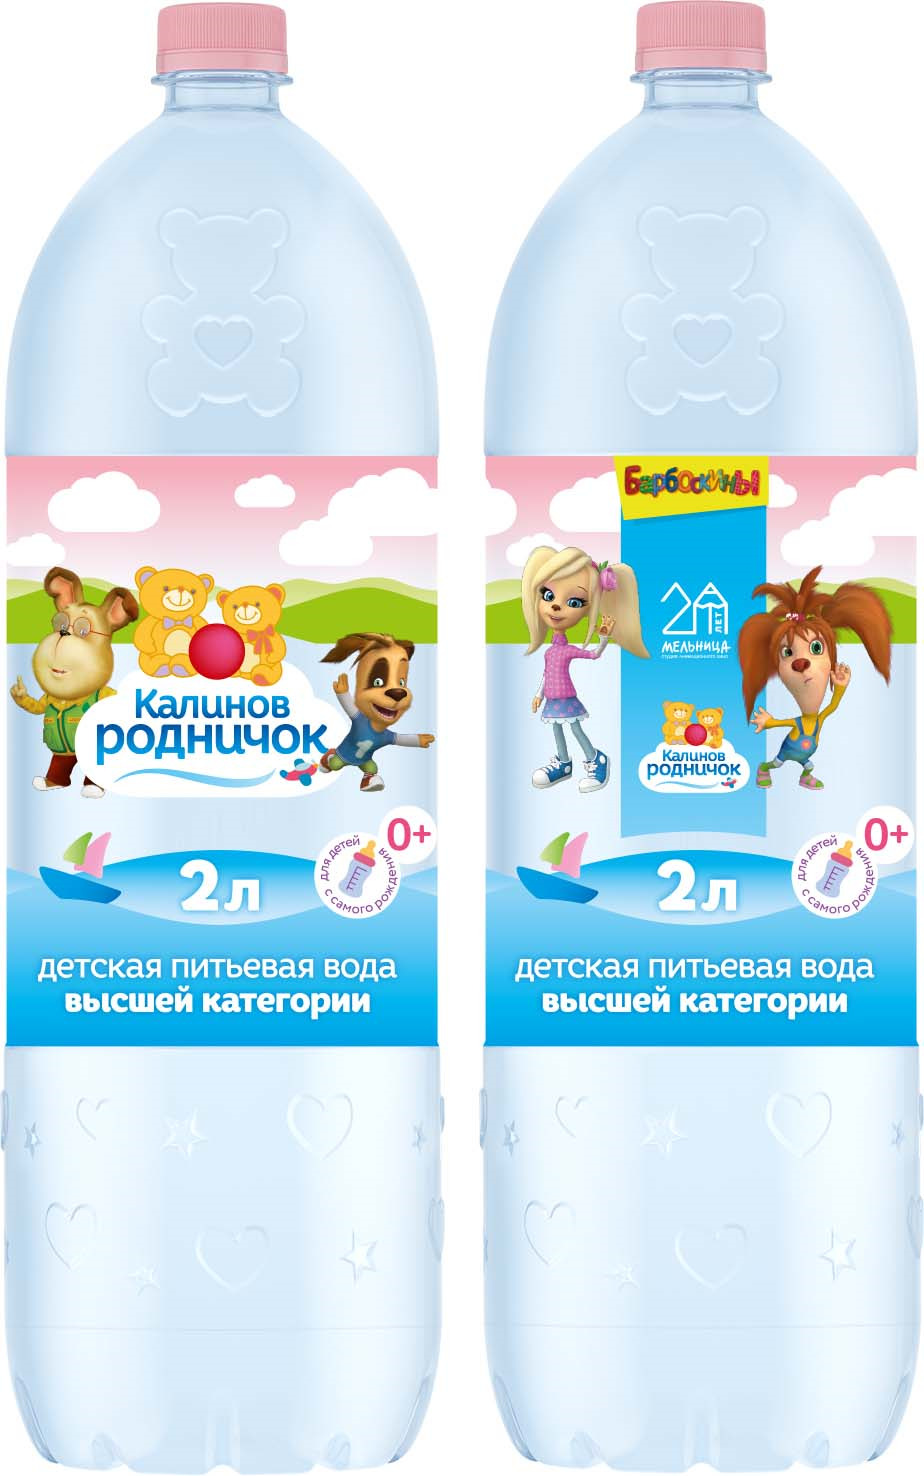 Вода Калинов Родничок для детей 6 шт по 2,0 л вода aquakids детская питьевая с рождения голубая 24 шт по 0 25 л